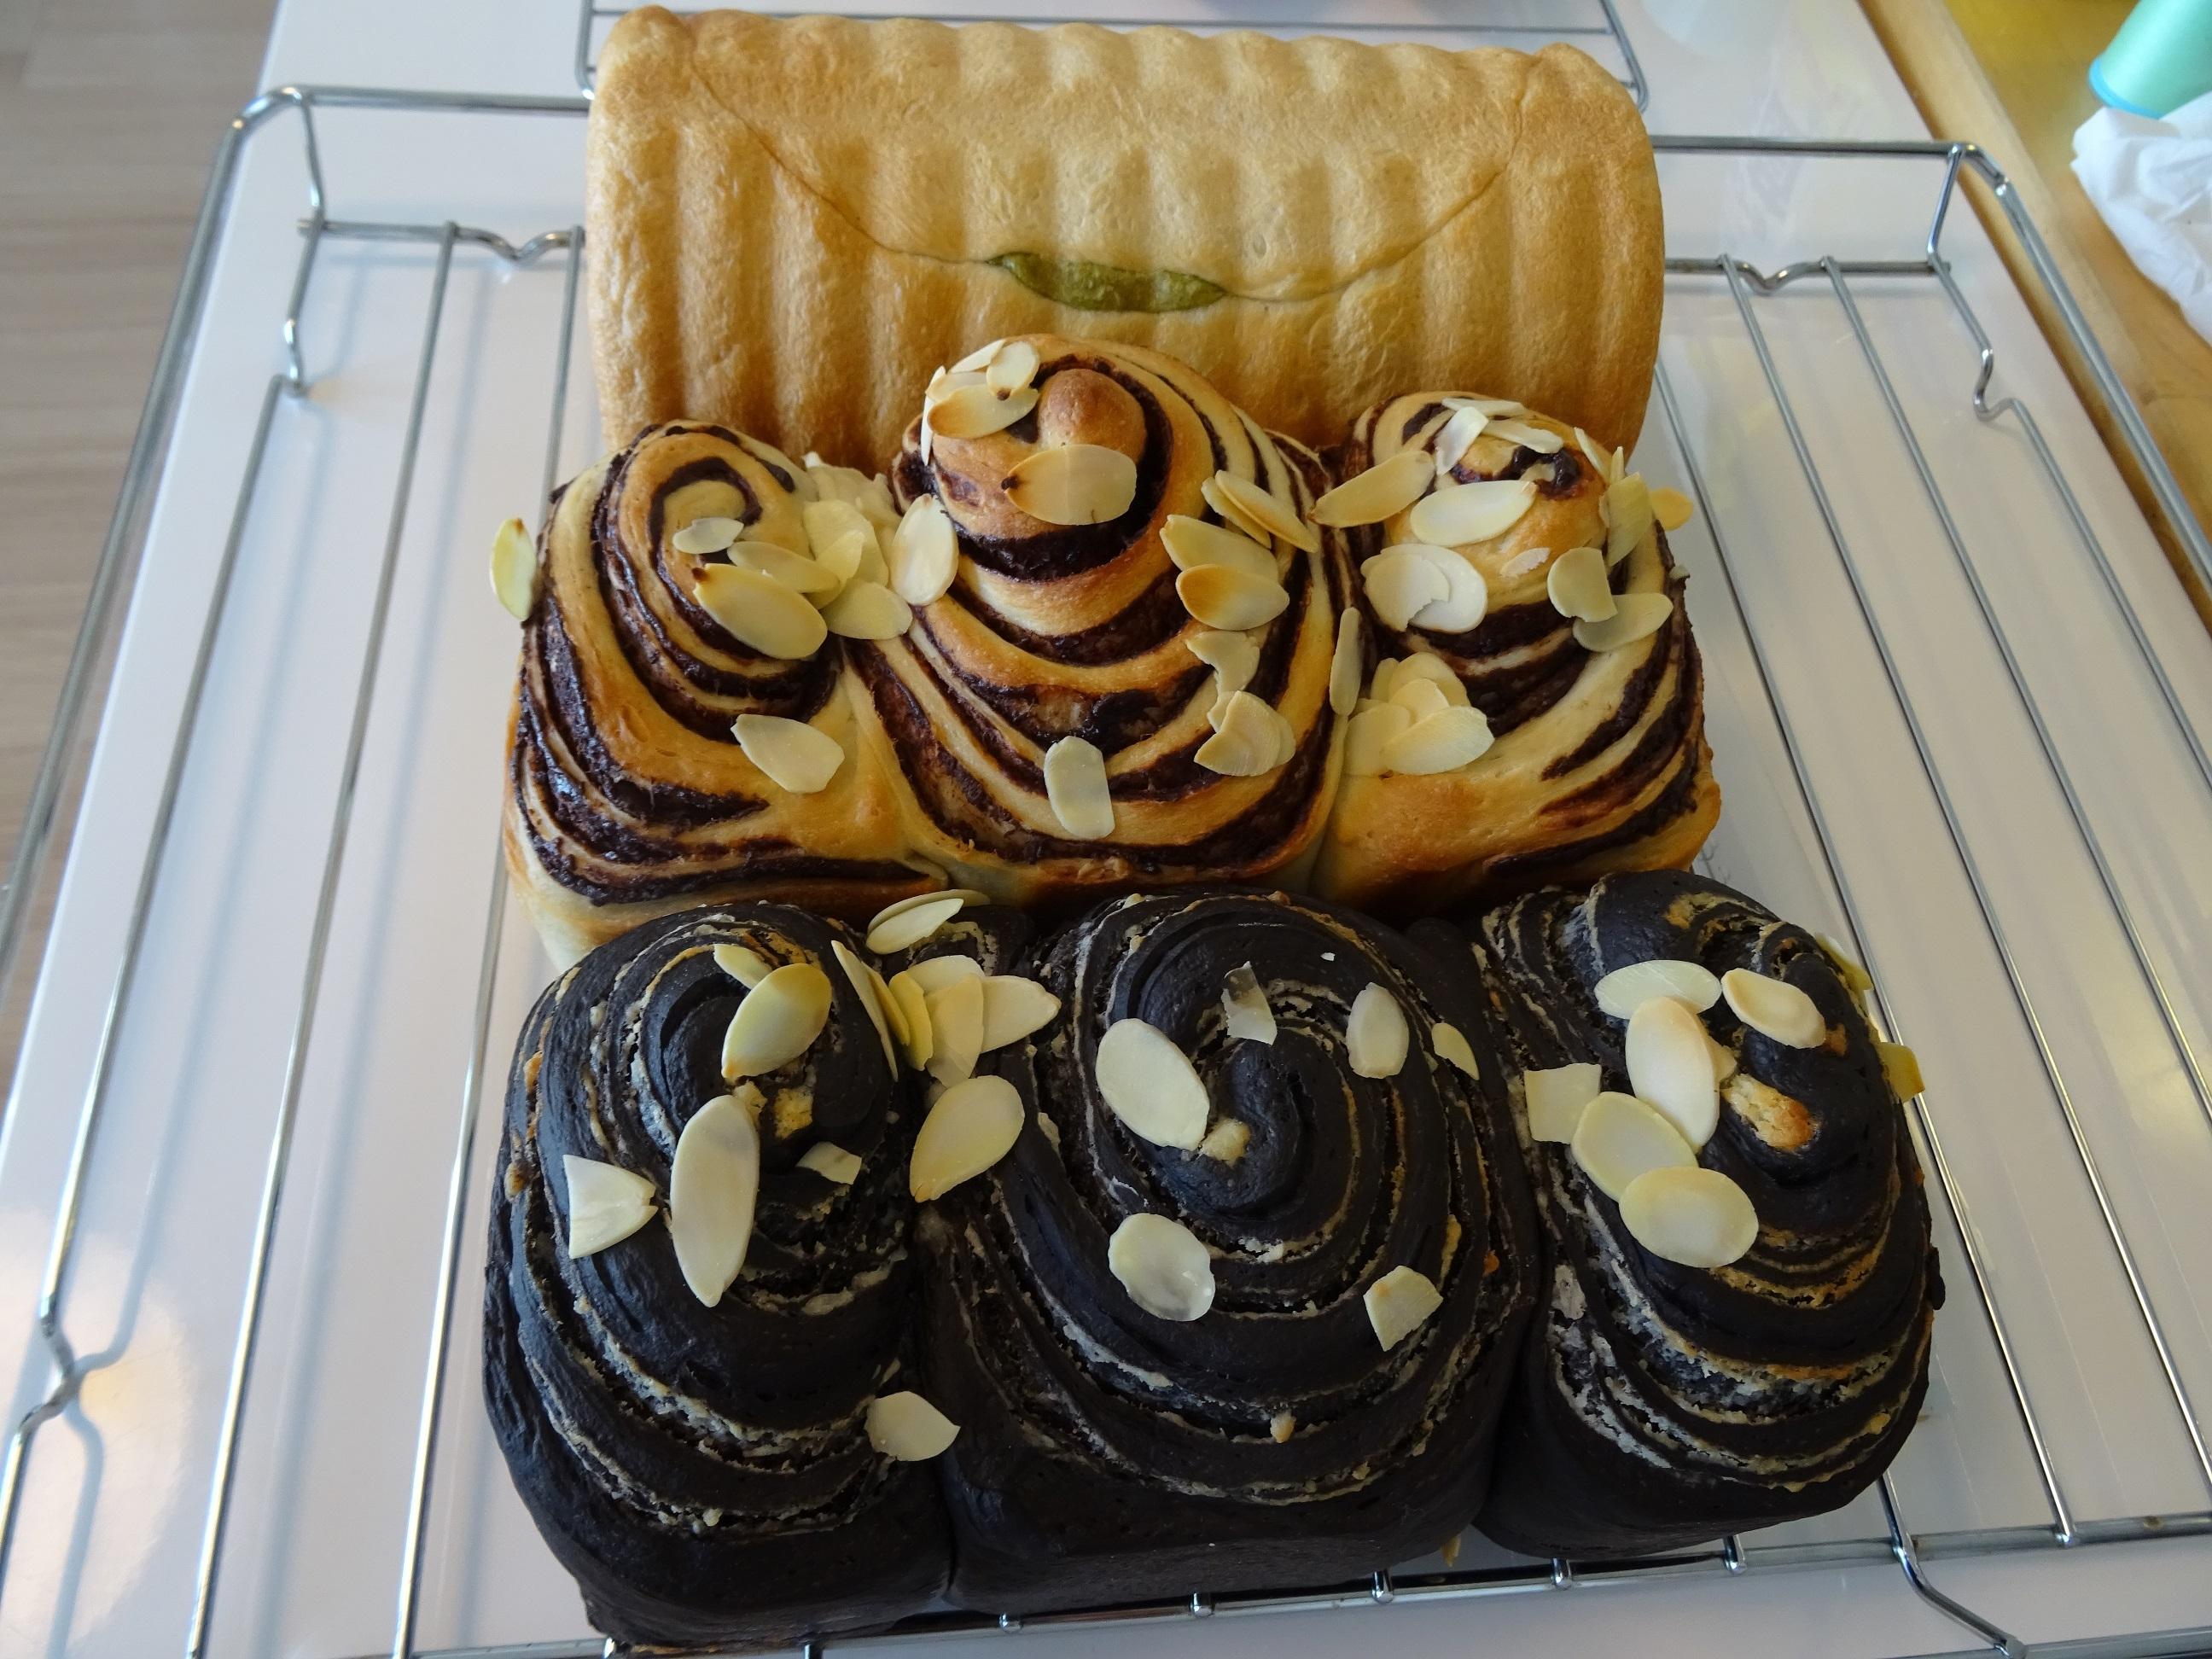 ソーセージフランス&ショコラマーブル&大納言と抹茶の渦巻きパン レッスンレポート2